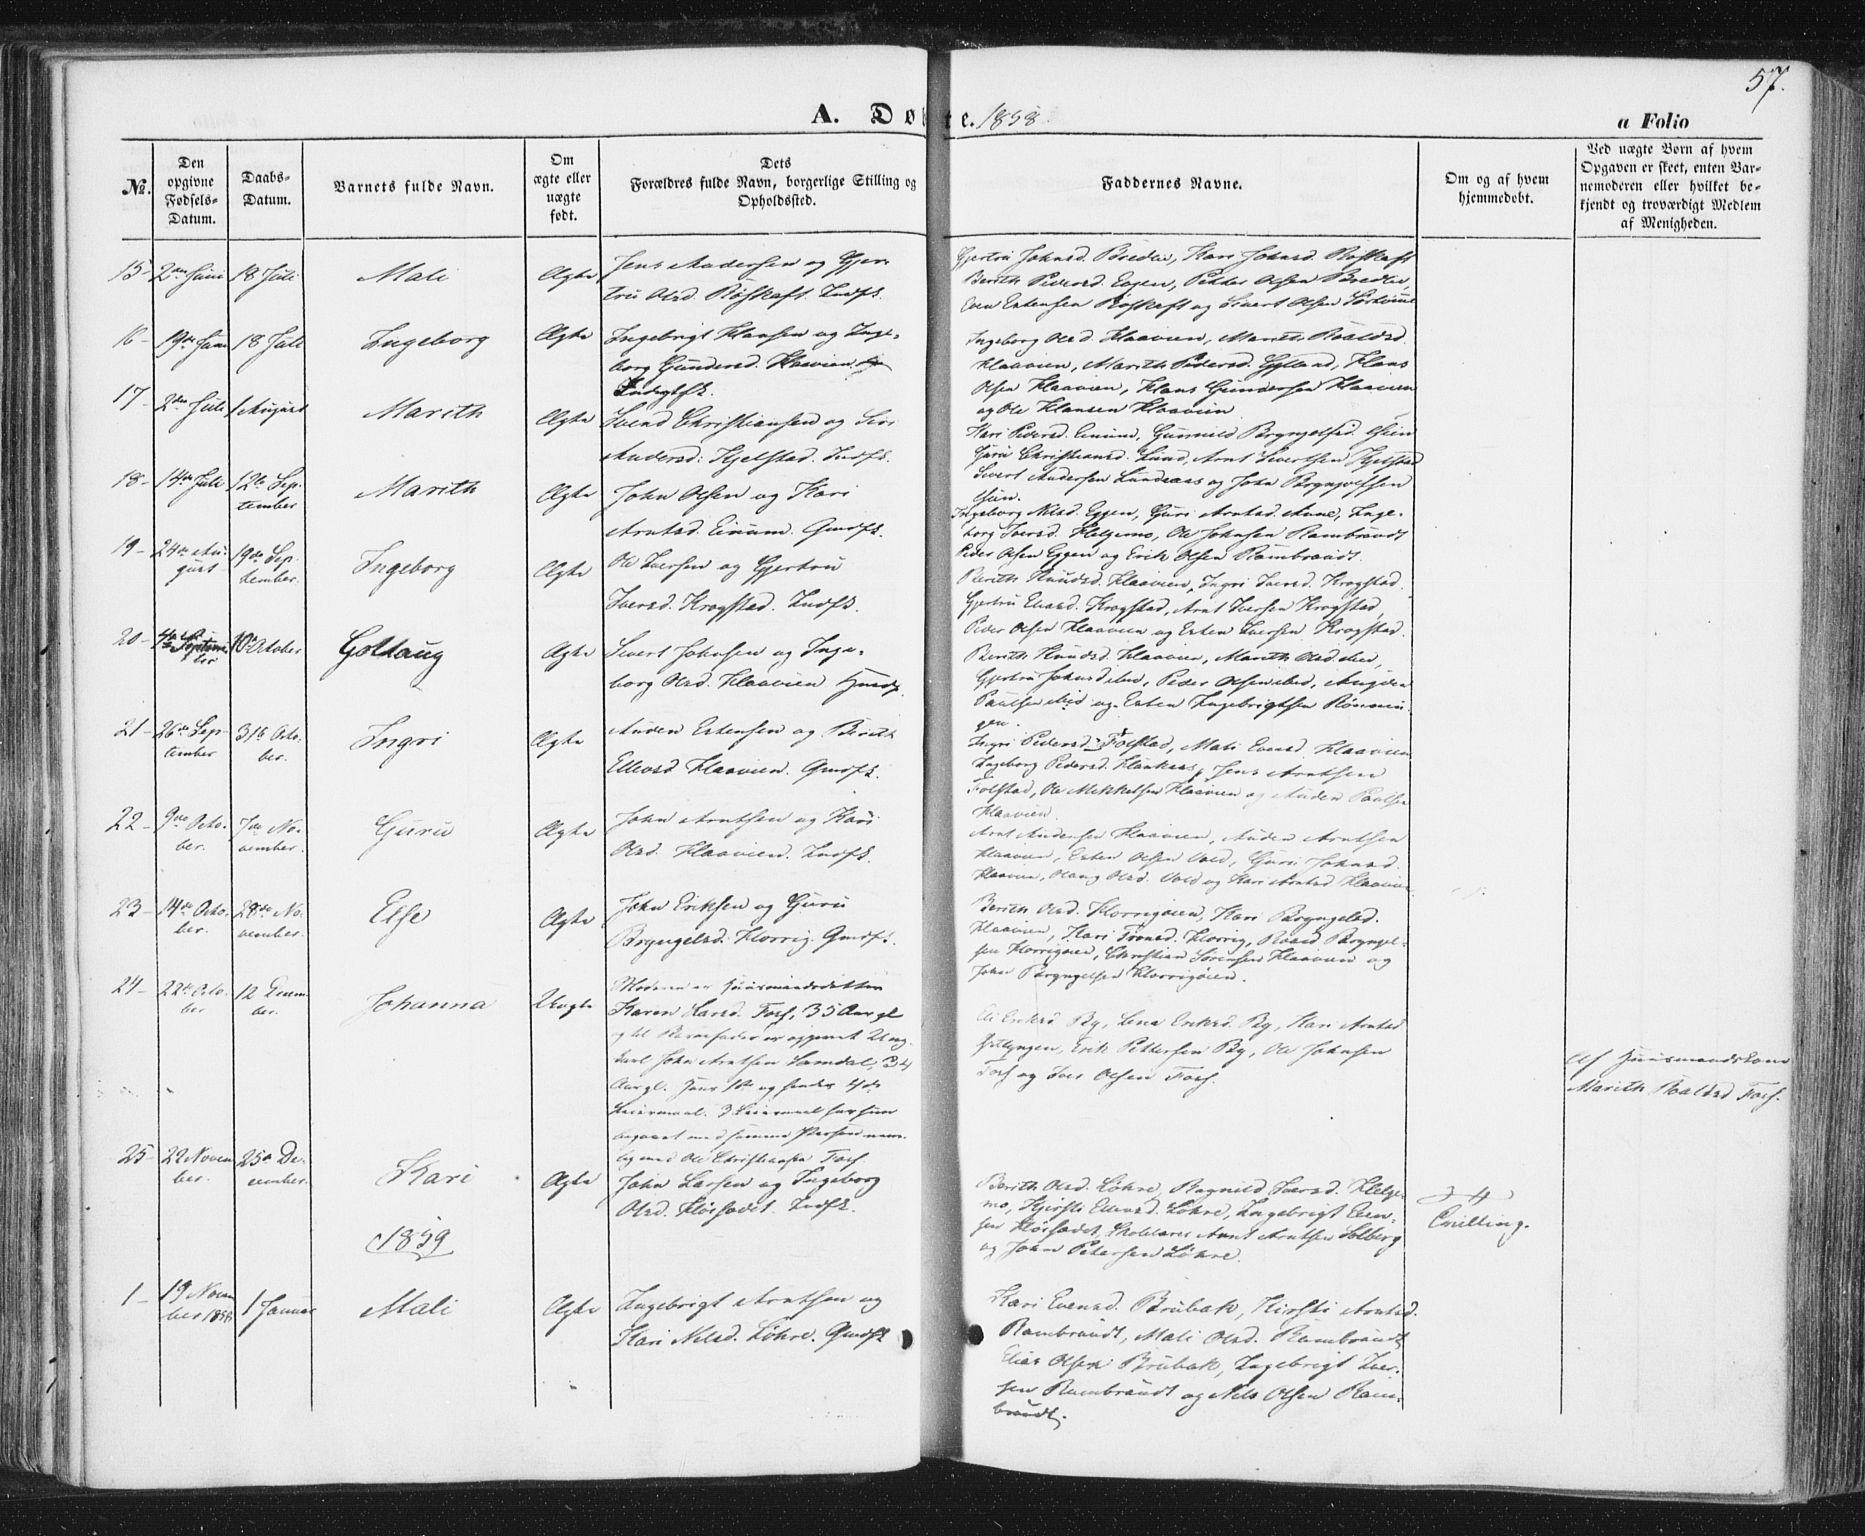 SAT, Ministerialprotokoller, klokkerbøker og fødselsregistre - Sør-Trøndelag, 692/L1103: Ministerialbok nr. 692A03, 1849-1870, s. 57